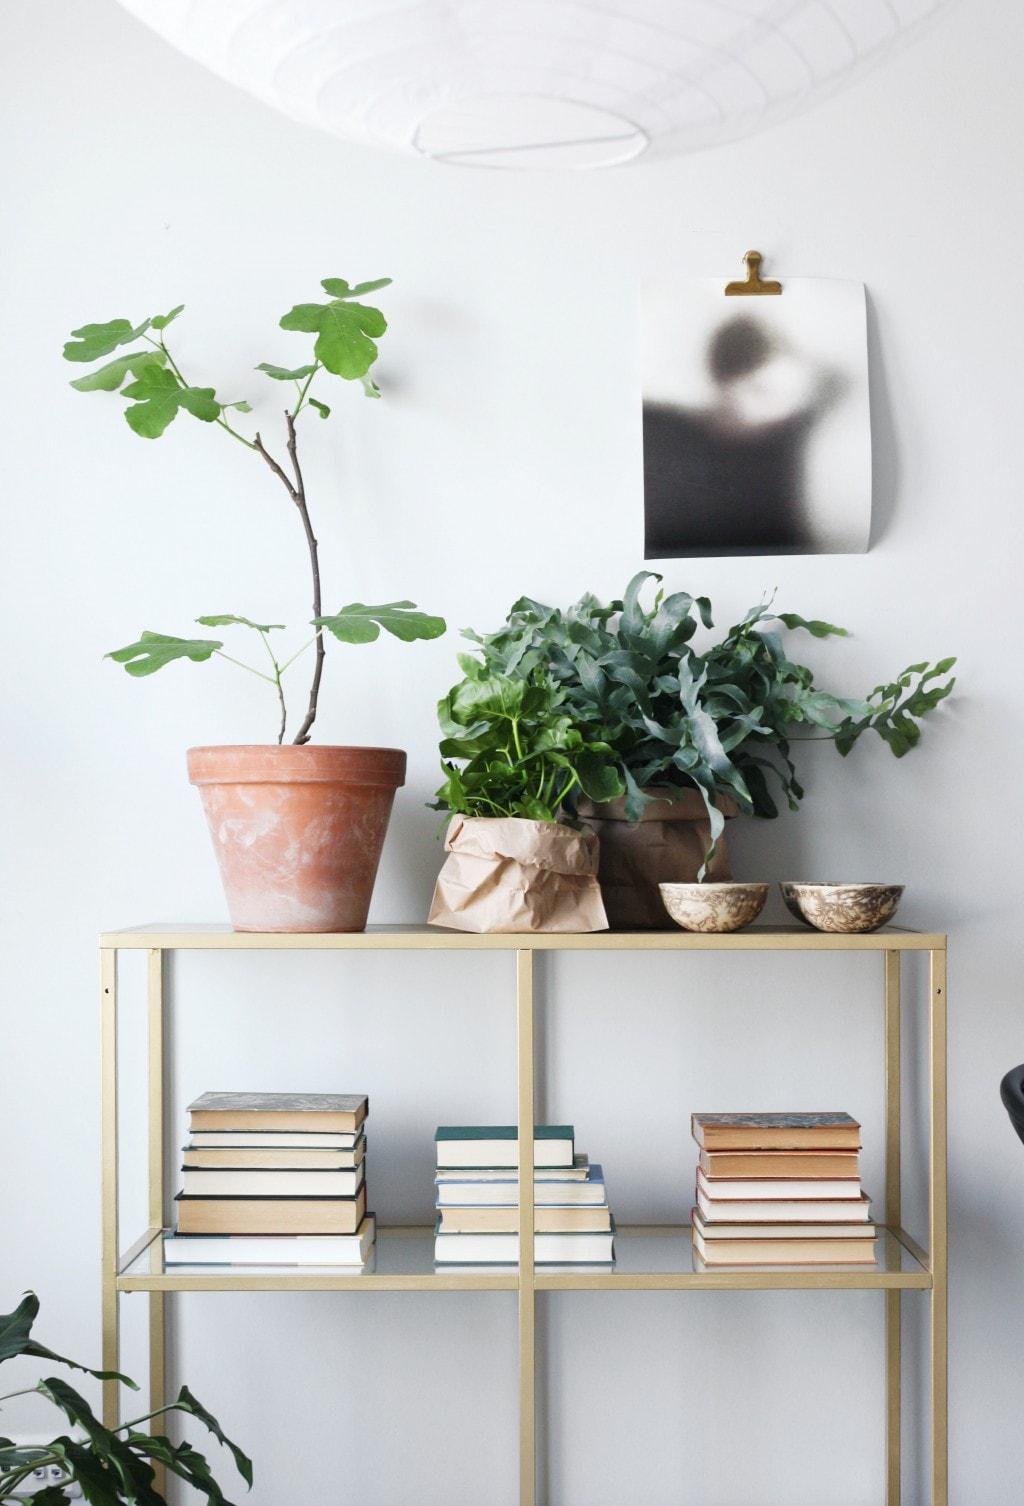 Smart small home - via cocolapinedesign.com